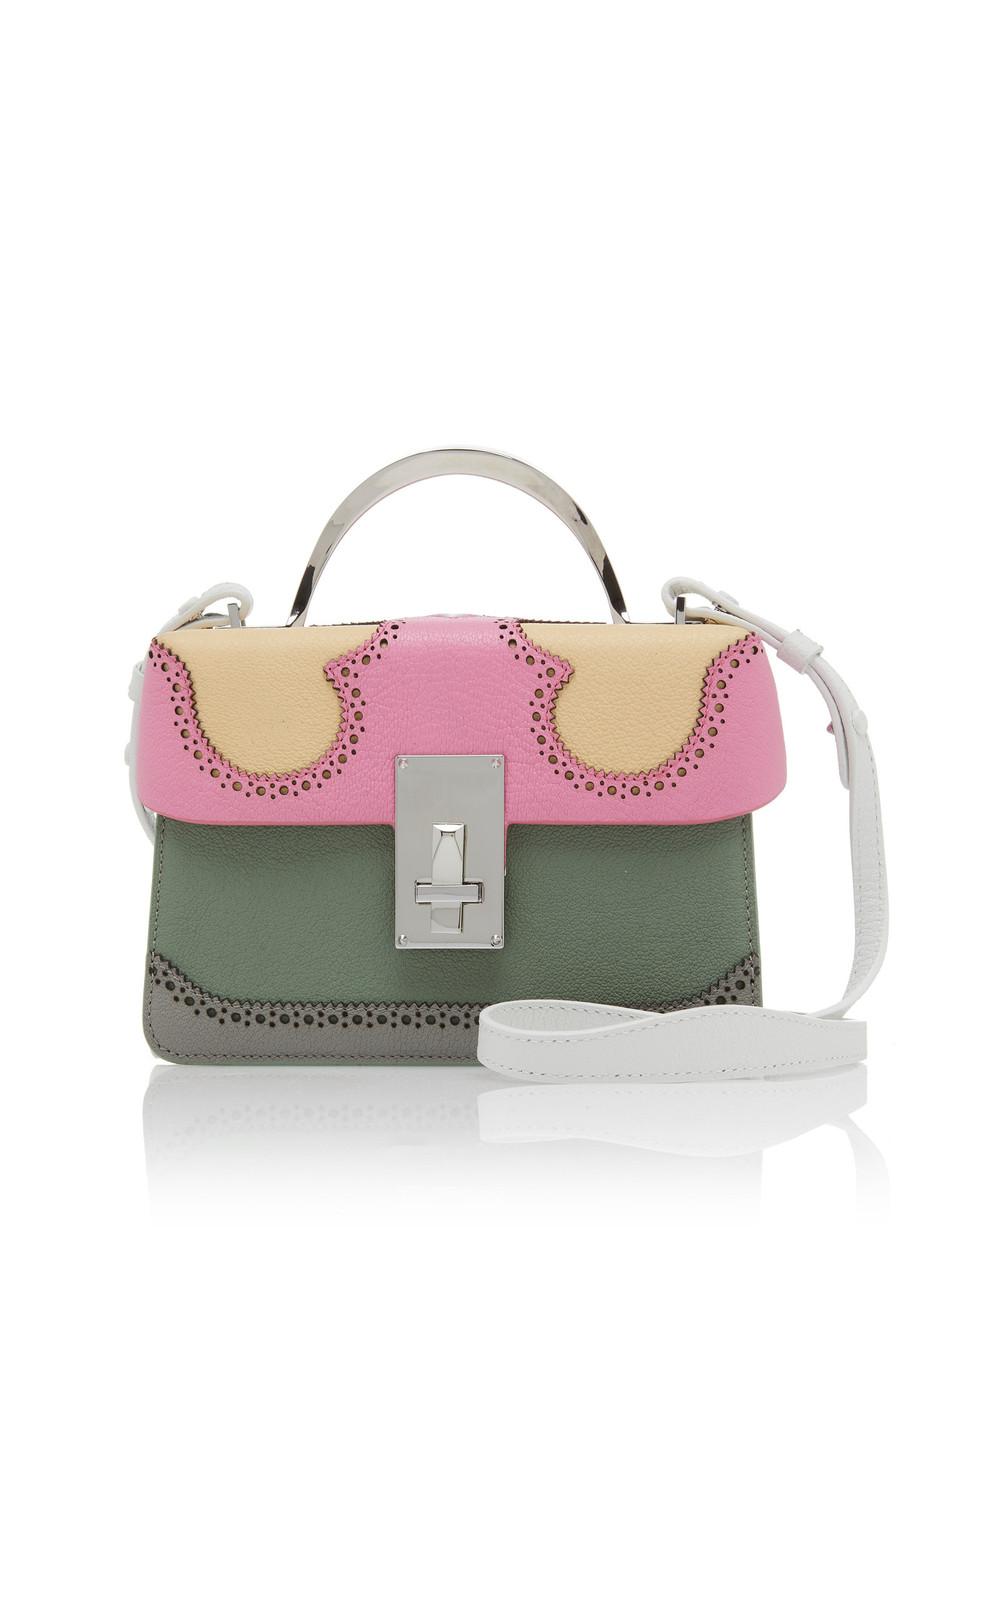 The Volon Data Alice Color Block Leather Bag in multi